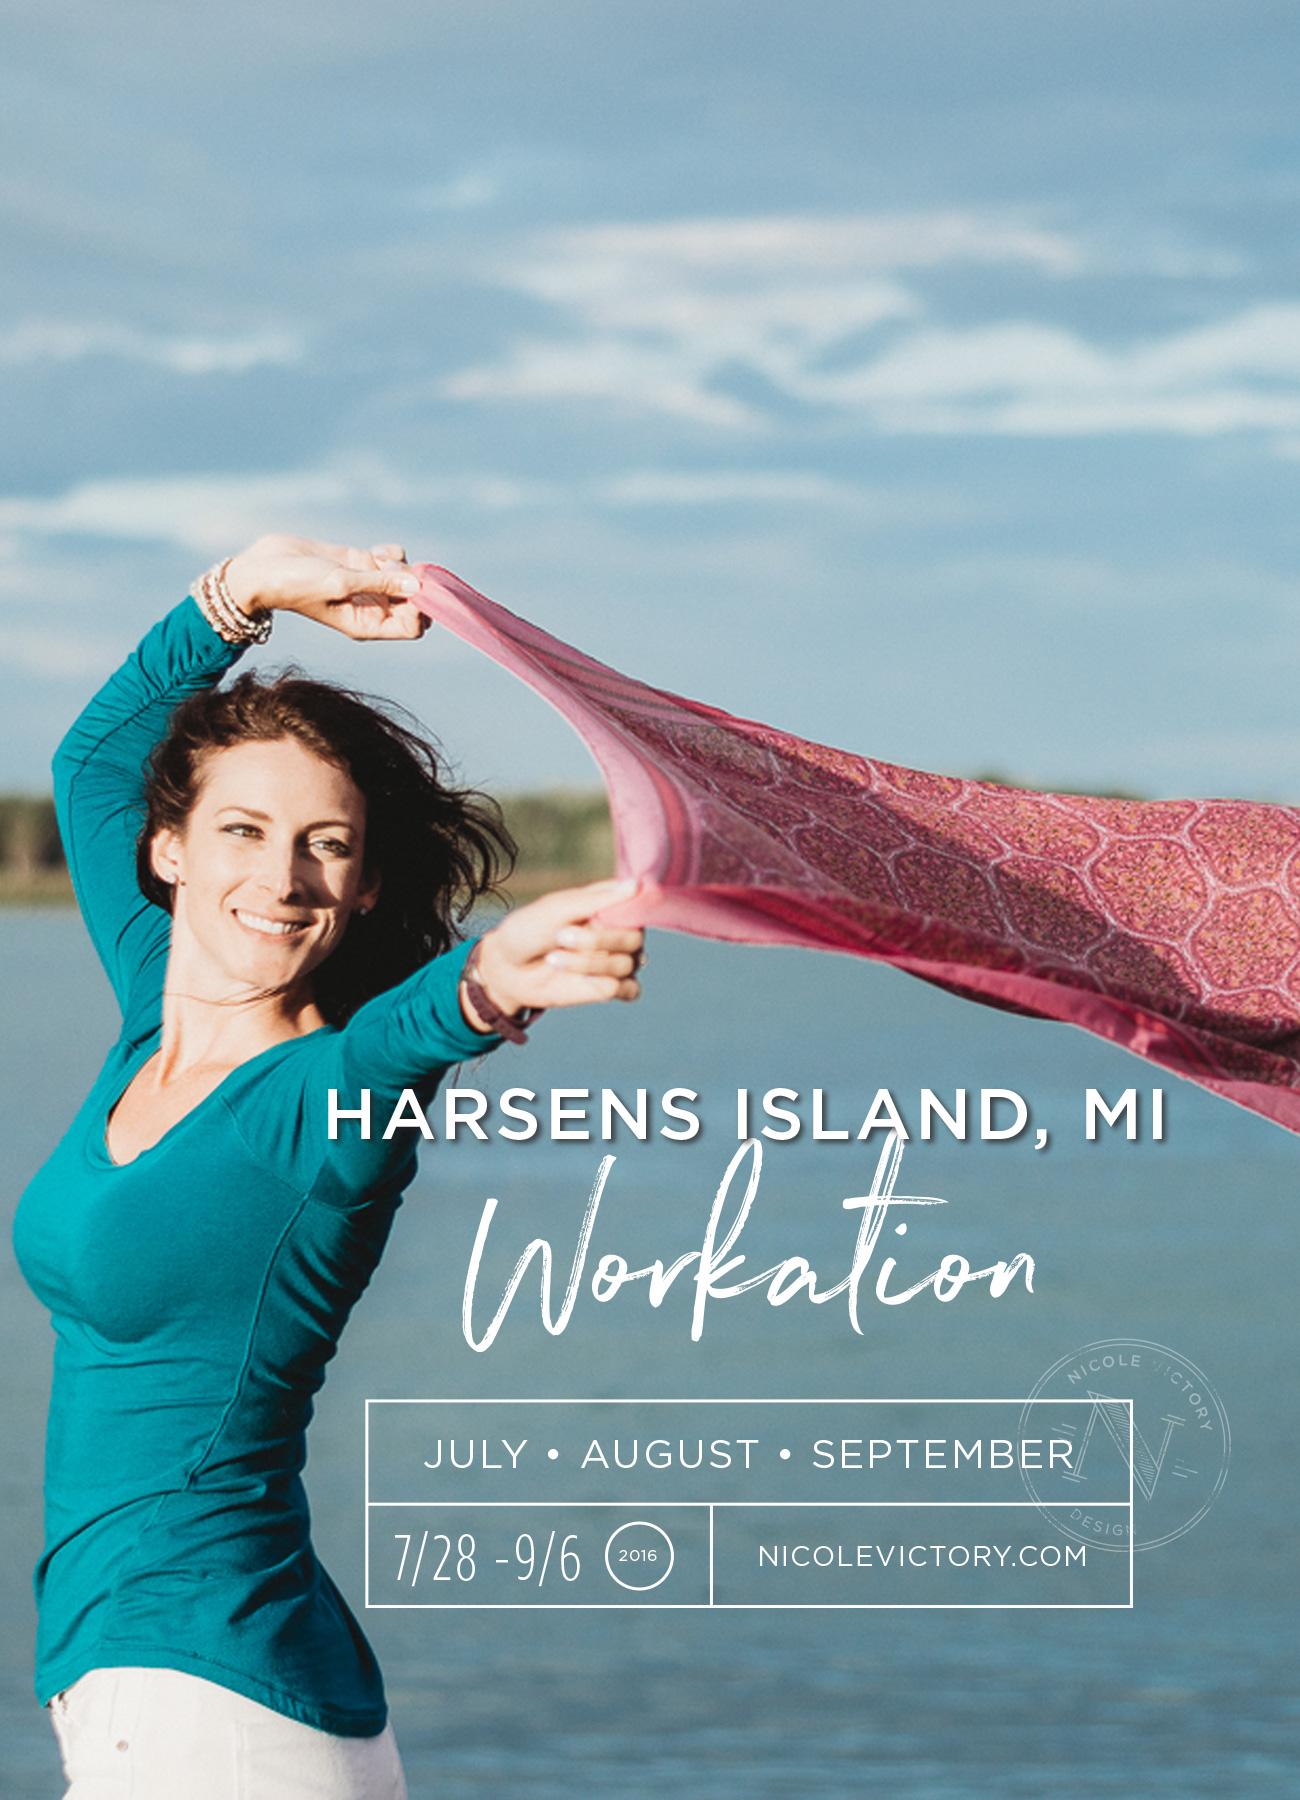 Harsens Island Workation 2016   Nicole Victory Design